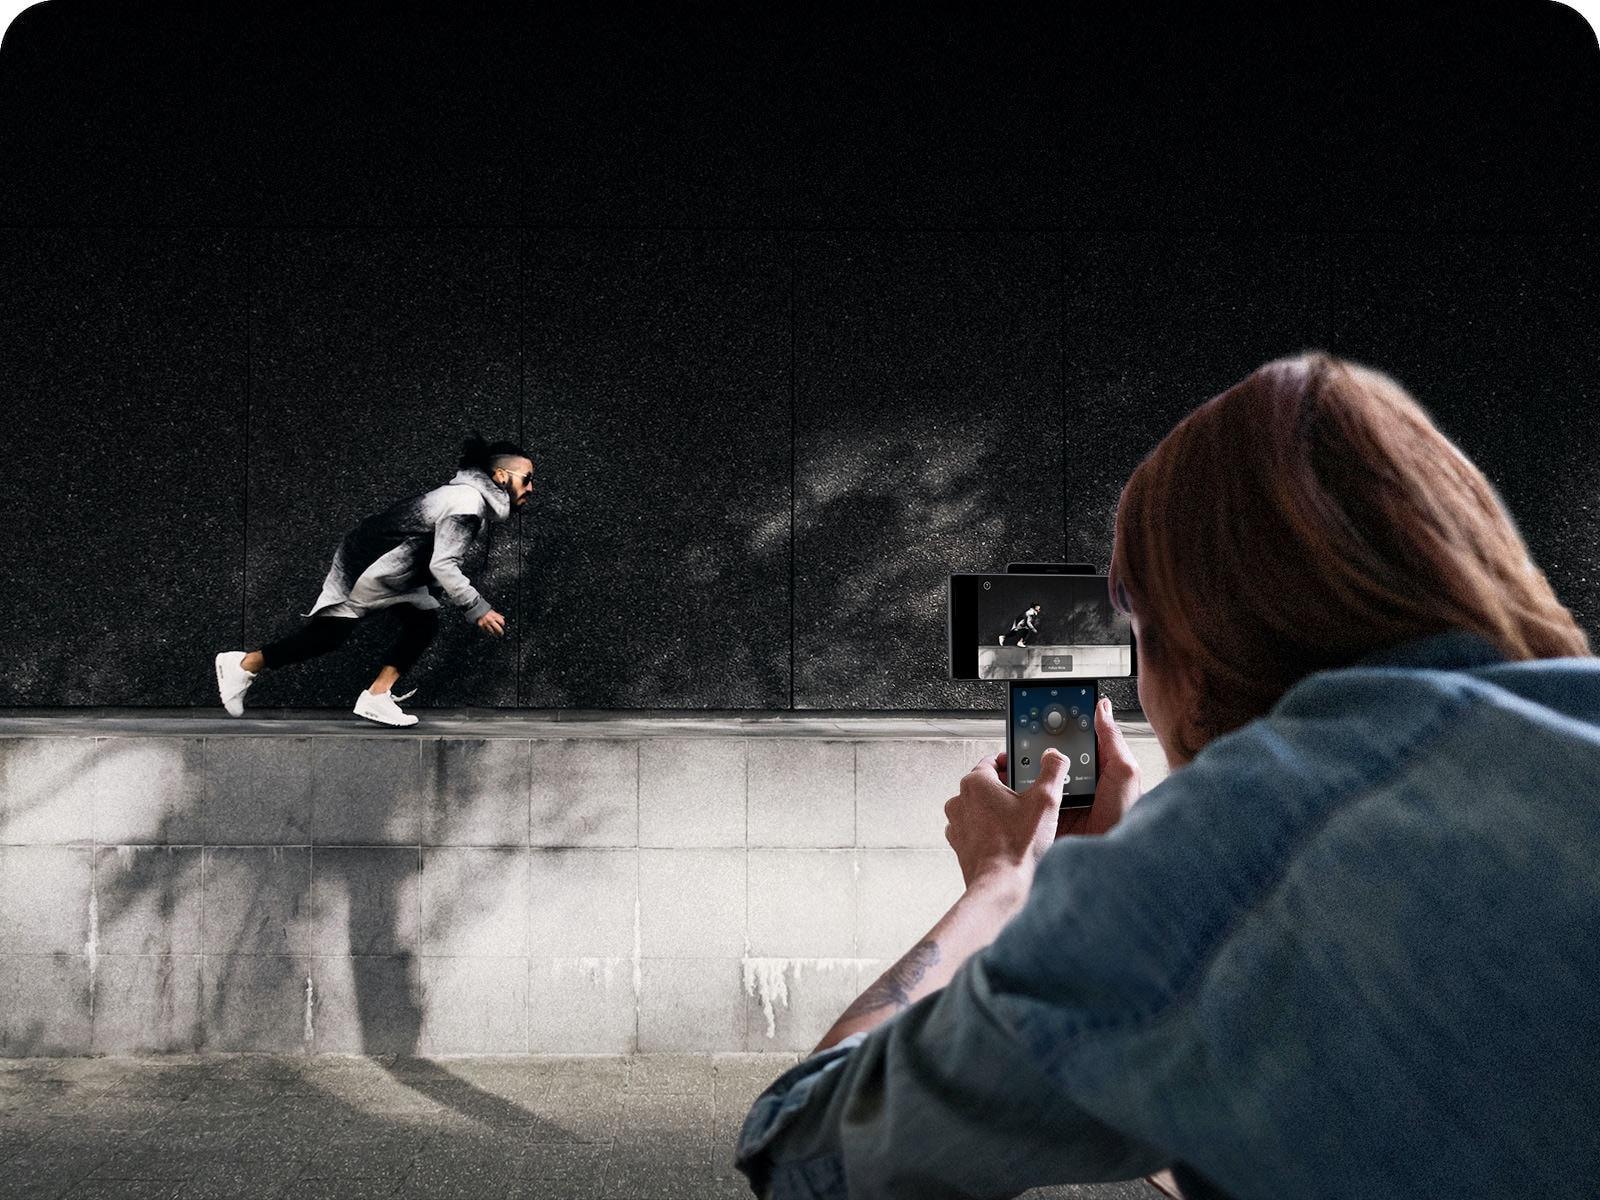 Woman filming a running man.